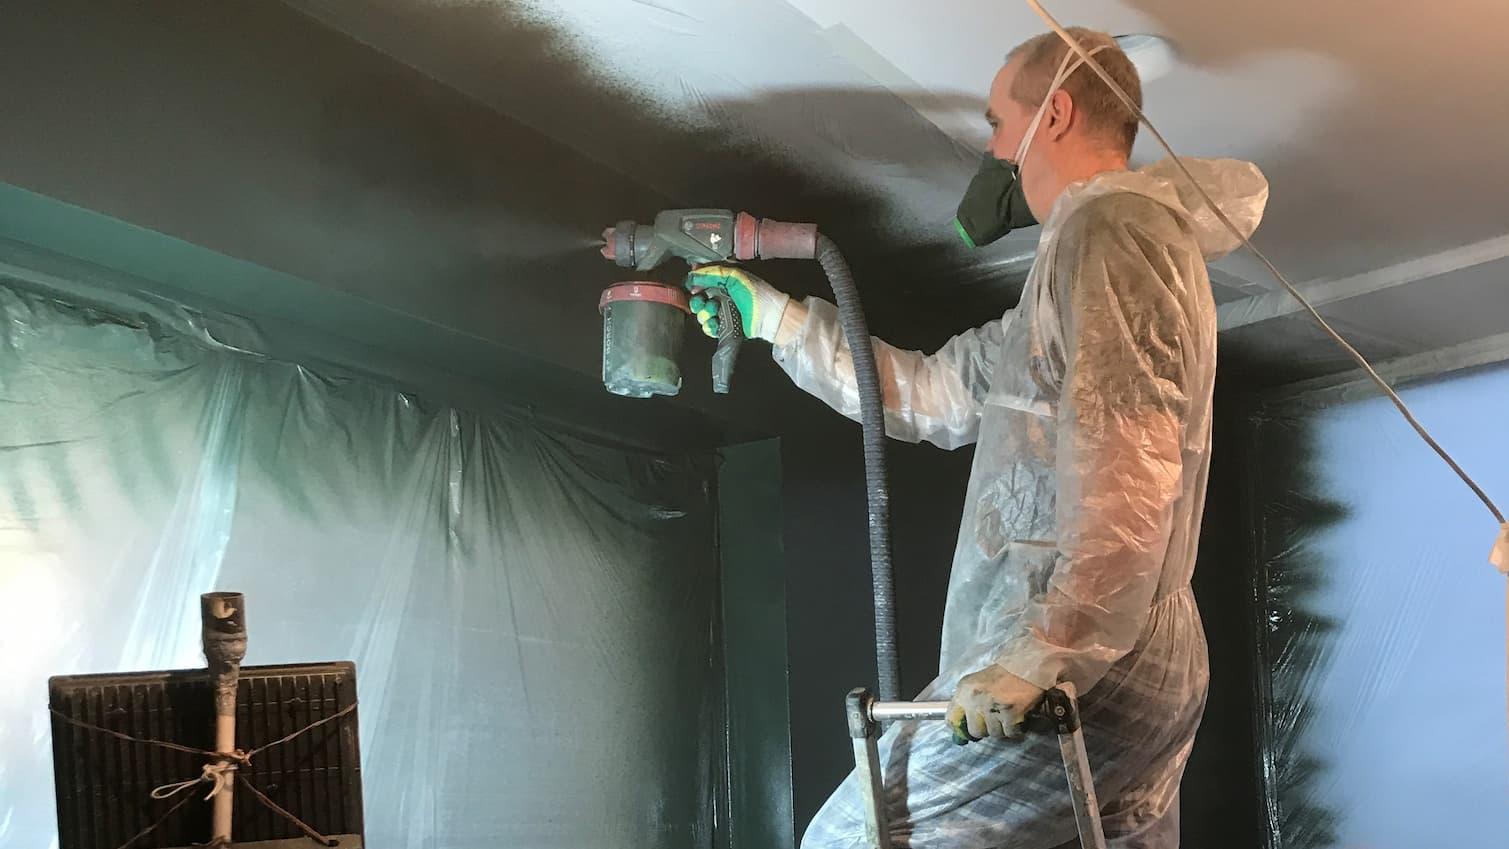 Механизированная покраска стен и потолка